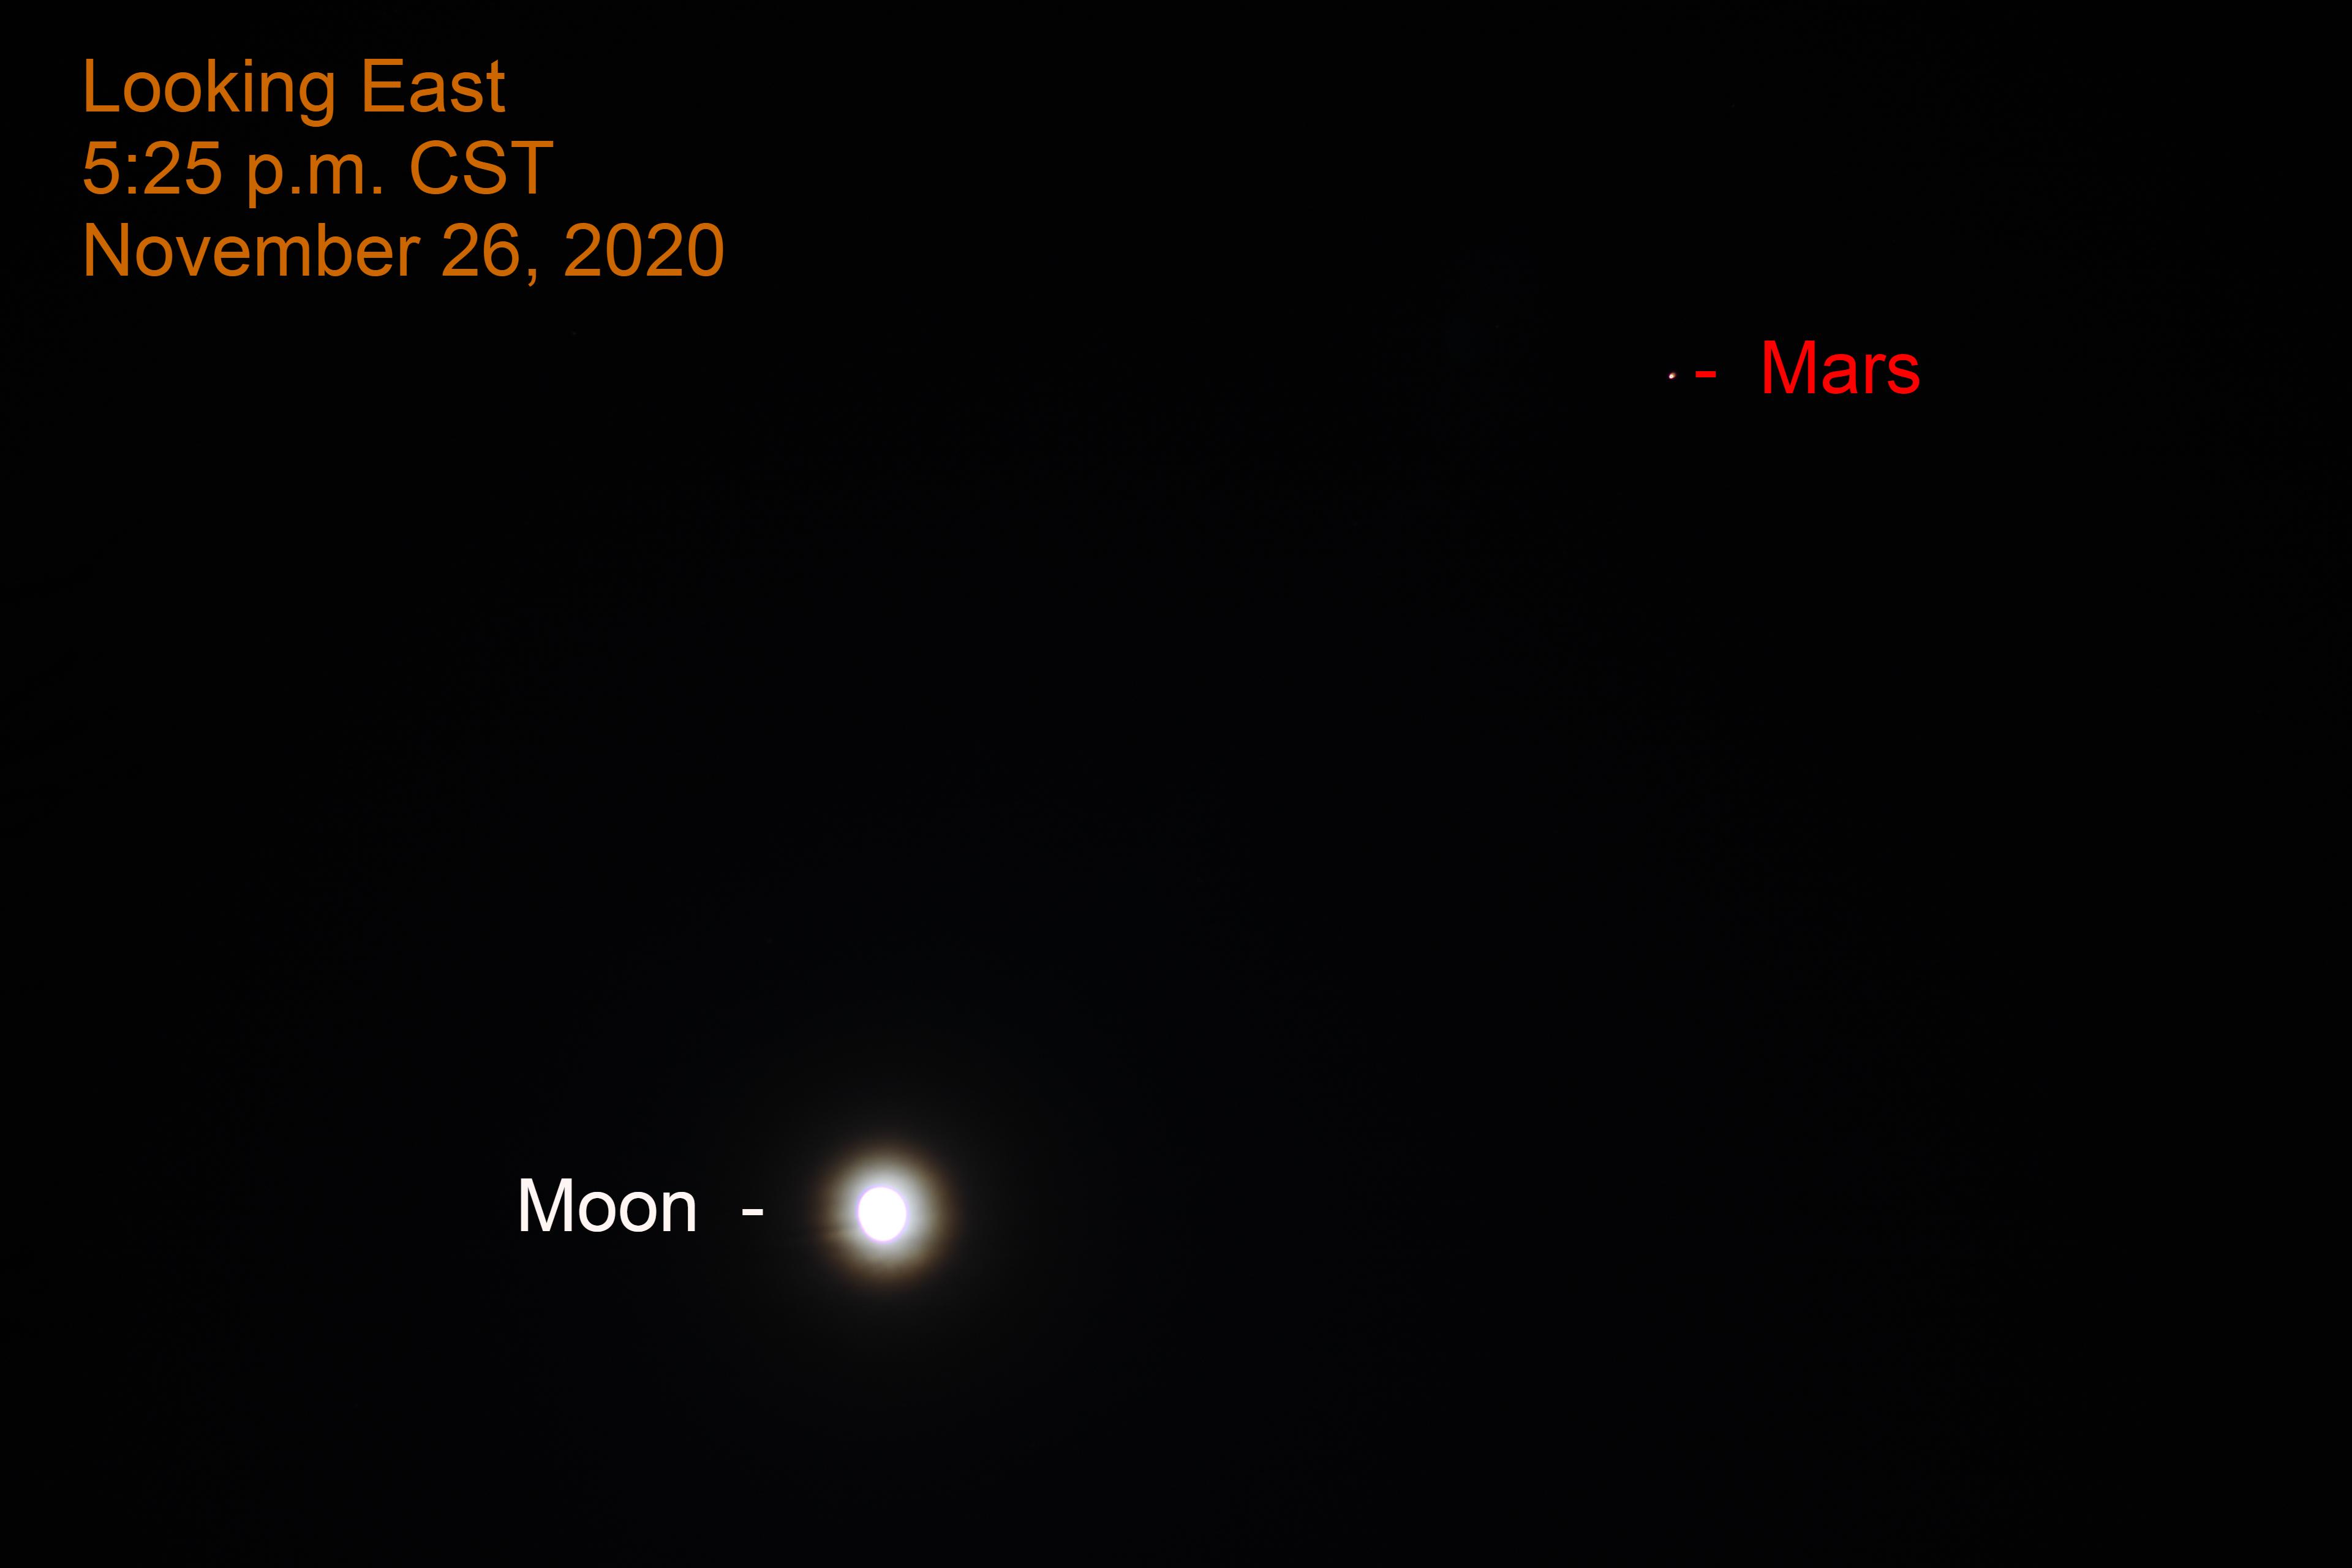 Mars and Moon, November 26, 2020